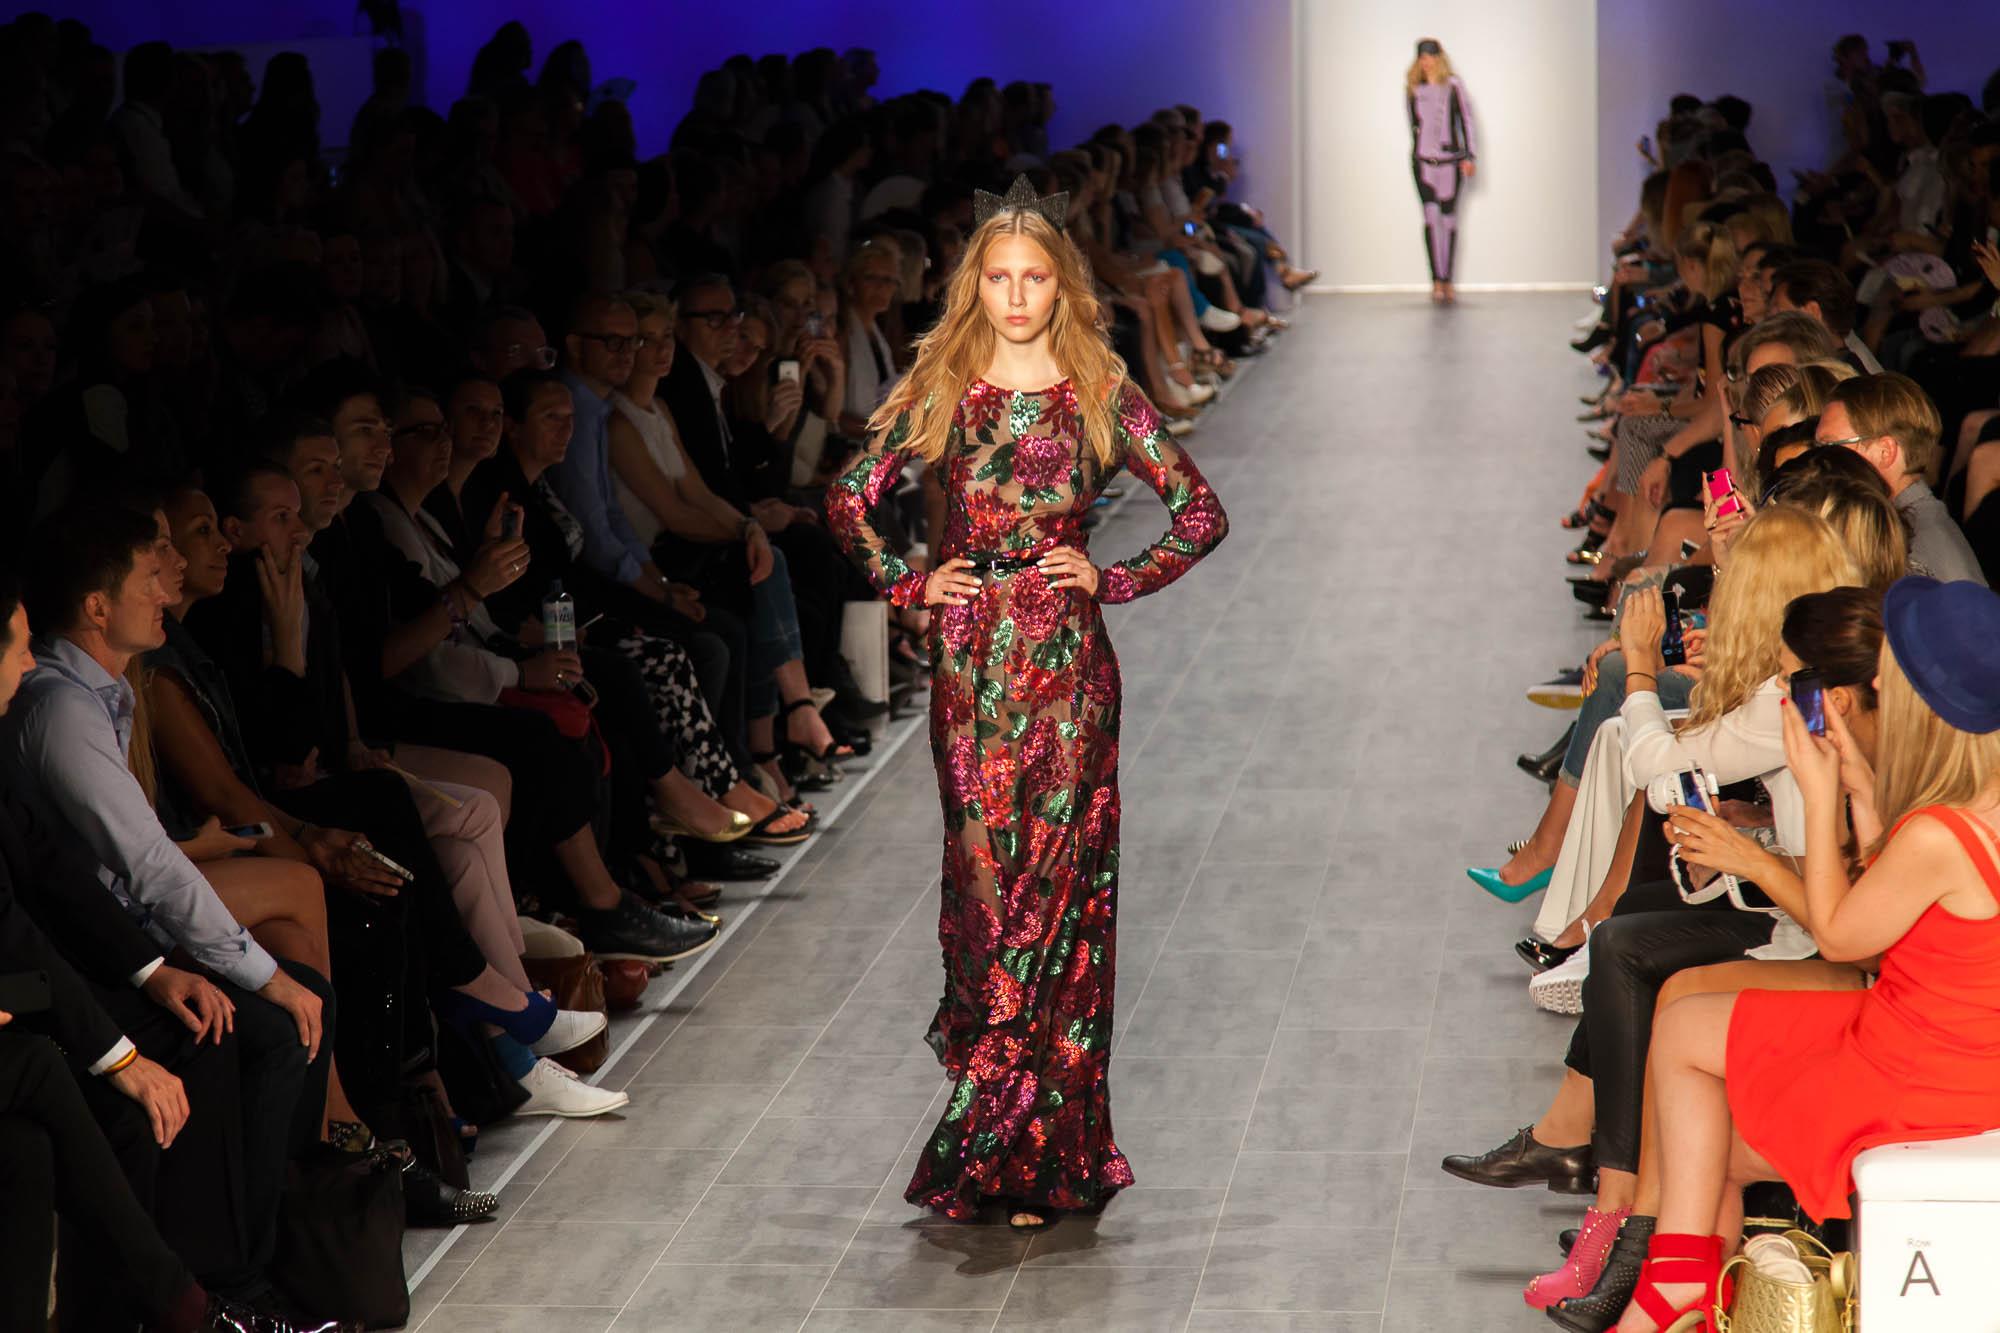 20140709-Fashionweek-glaw-05